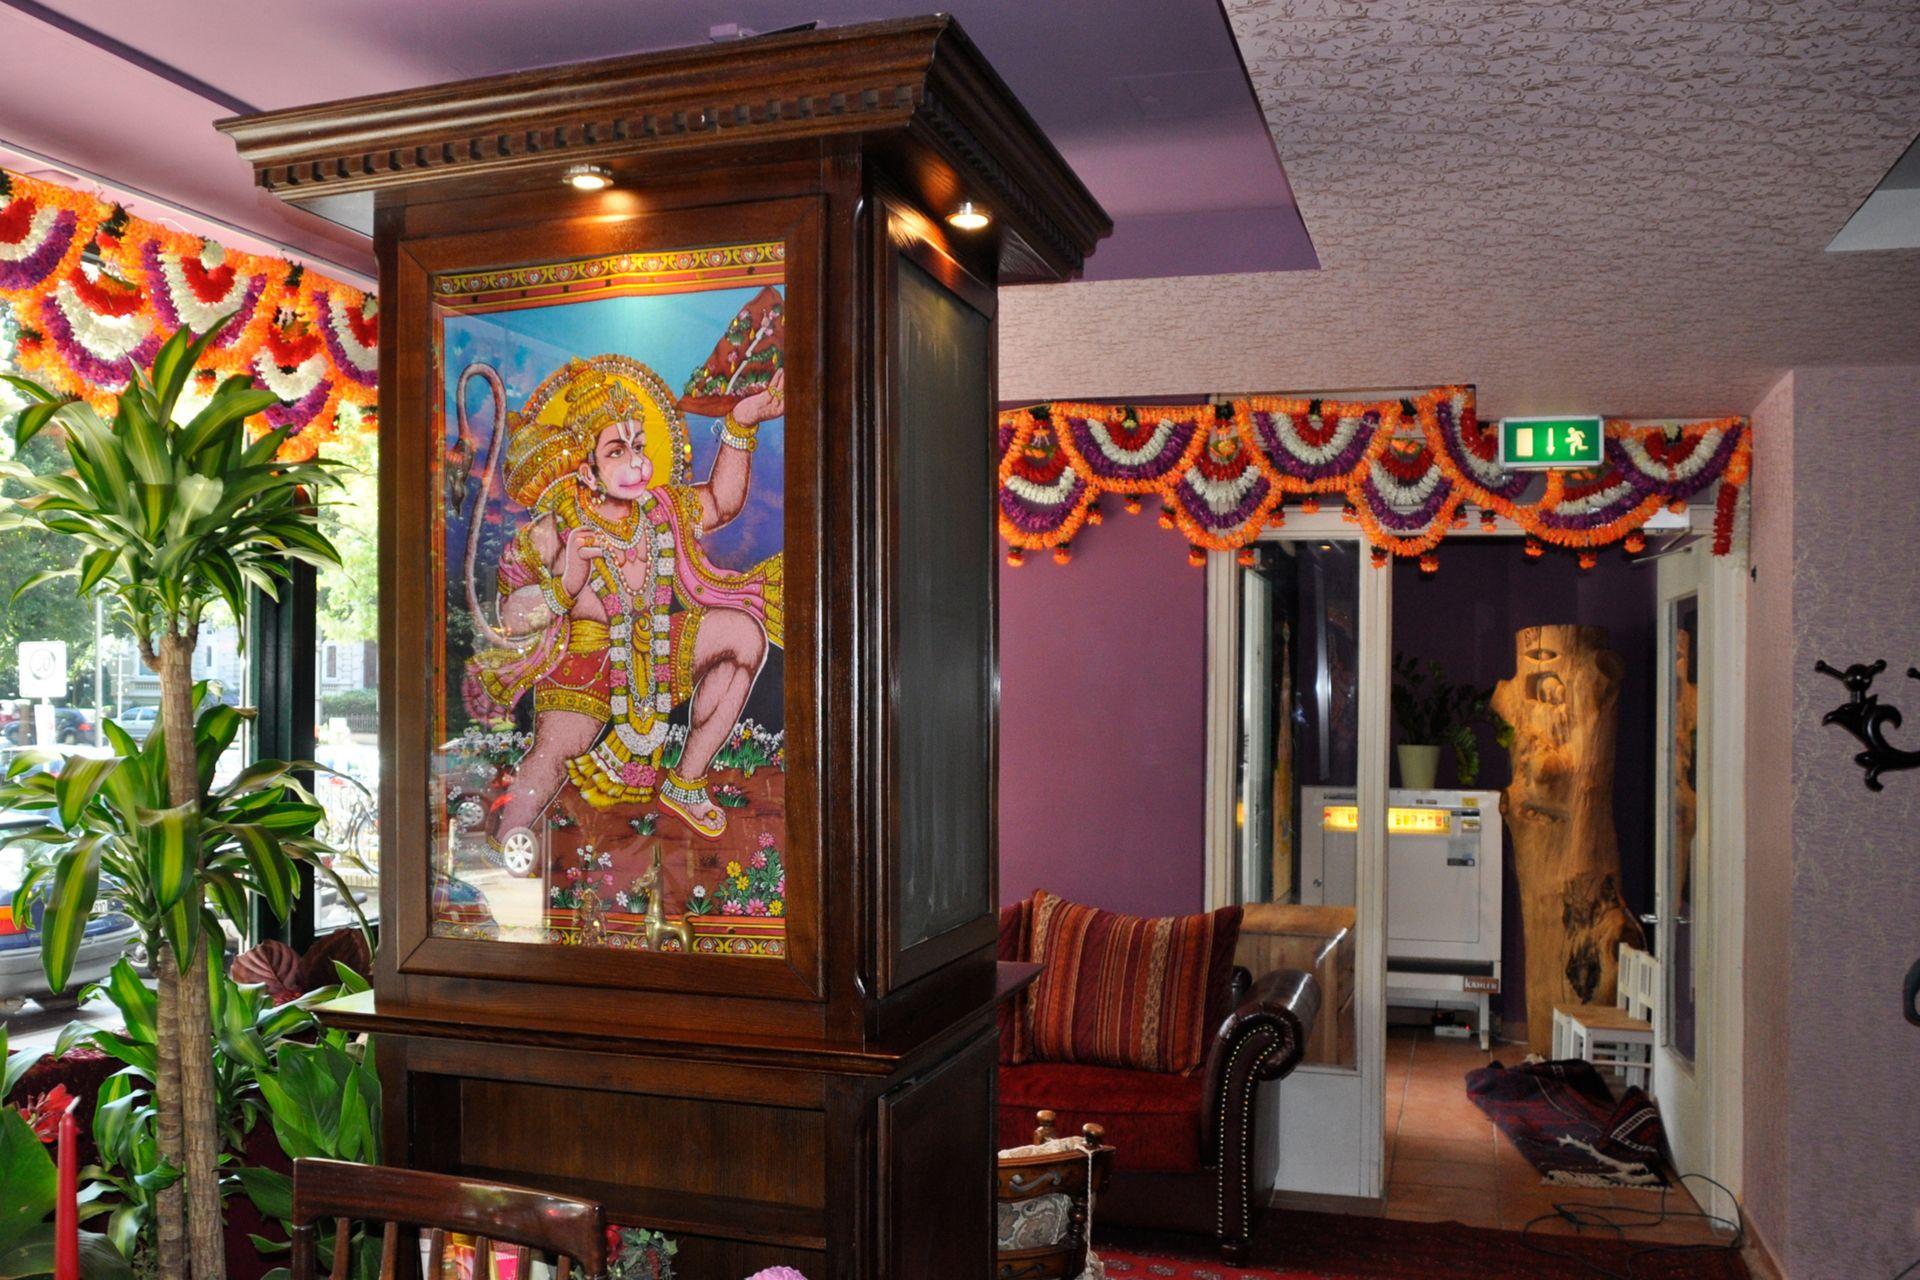 Wand- und Deckengestaltung im Restaurant Maharani in den Grindelhochhäusern